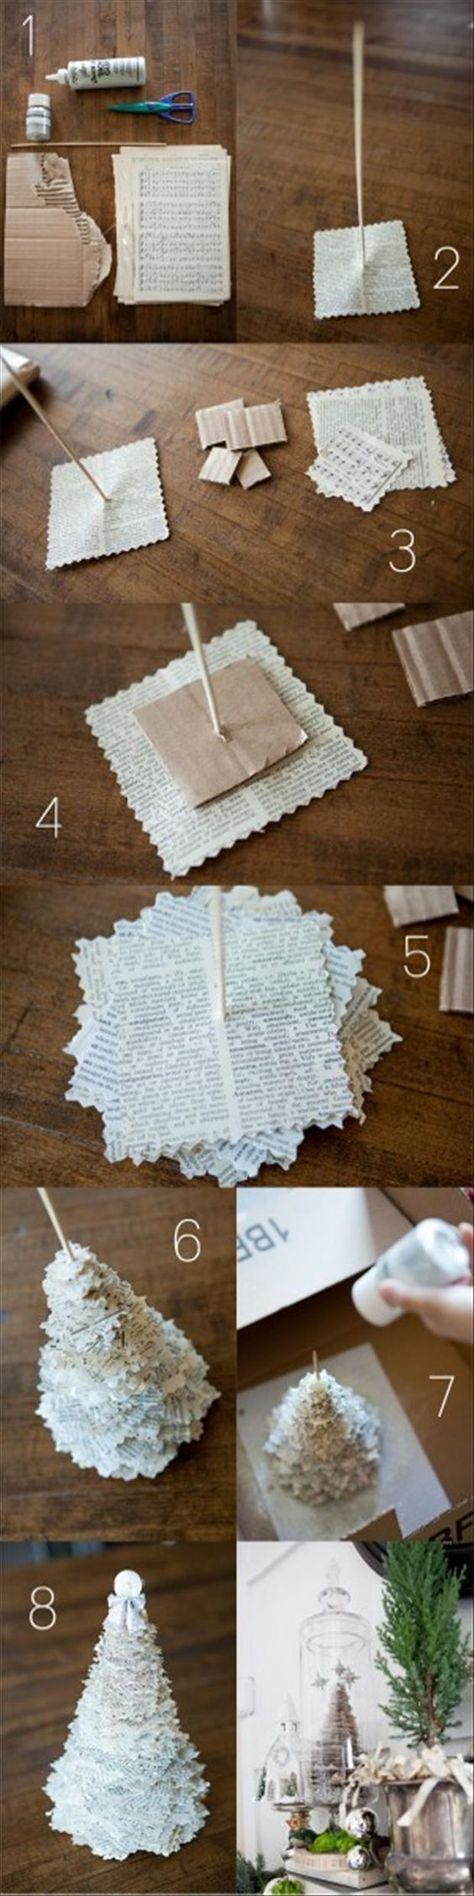 Un originale alberello di Natale realizzato con pagine di vecchi libri o spartiti. Semplice! Un'alternativa potrebbero essere le pagine di una rivista, per avere un alberello più variopinto.: